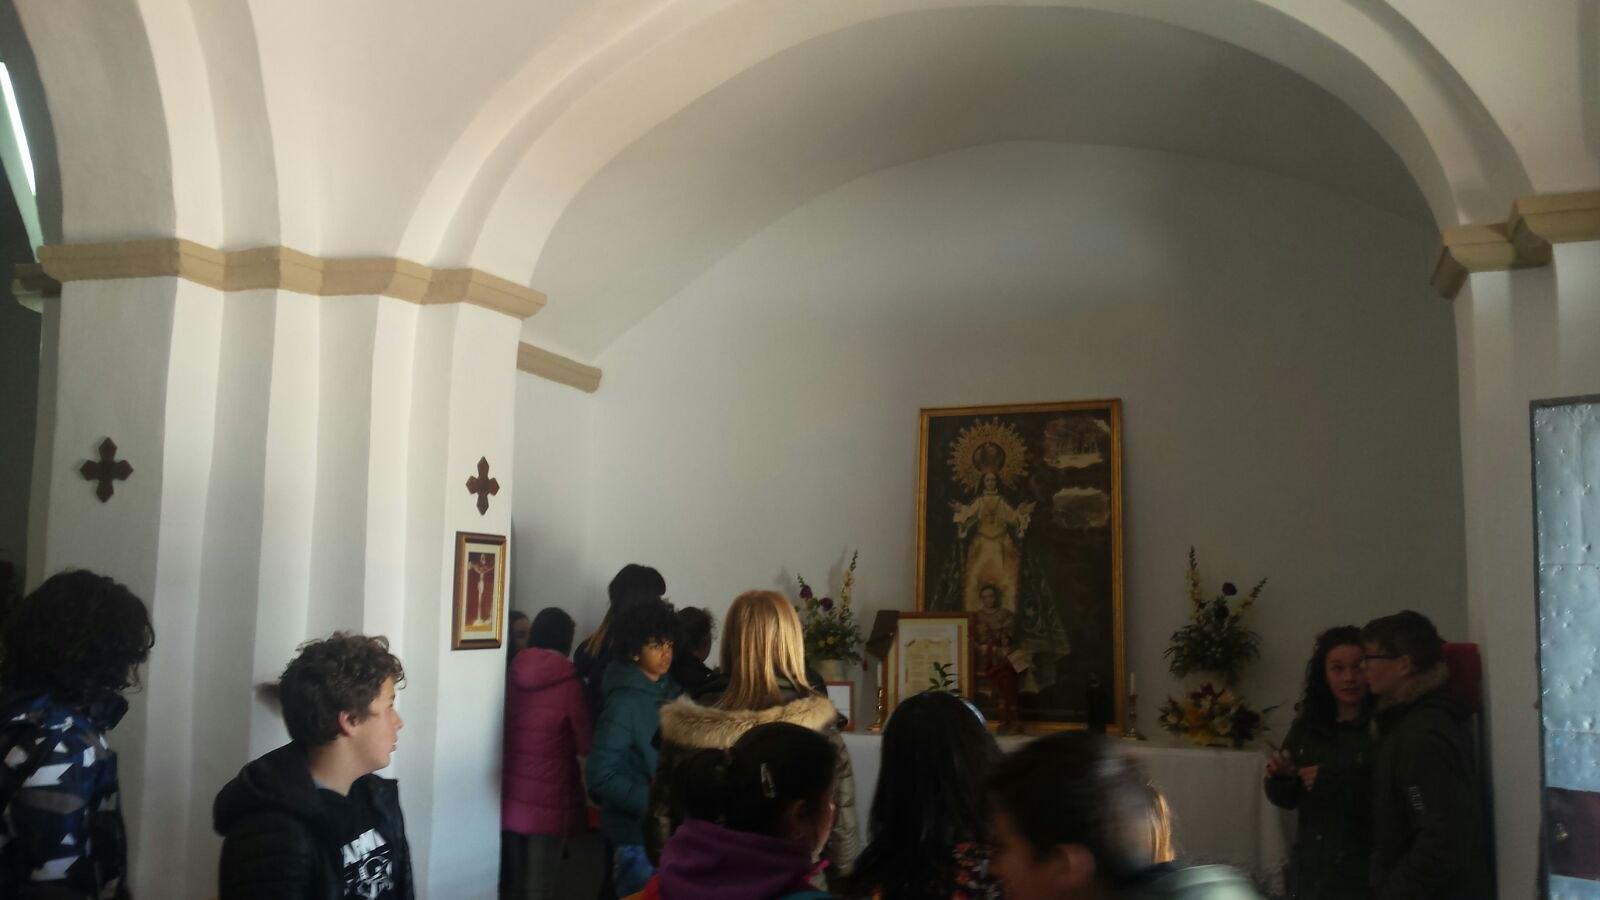 (2018-03-19) - Visita ermita alumnos Yolada-Pilar,6º, Virrey Poveda-9 de Octubre - Maria Isabel Berenquer Brotons - (08)